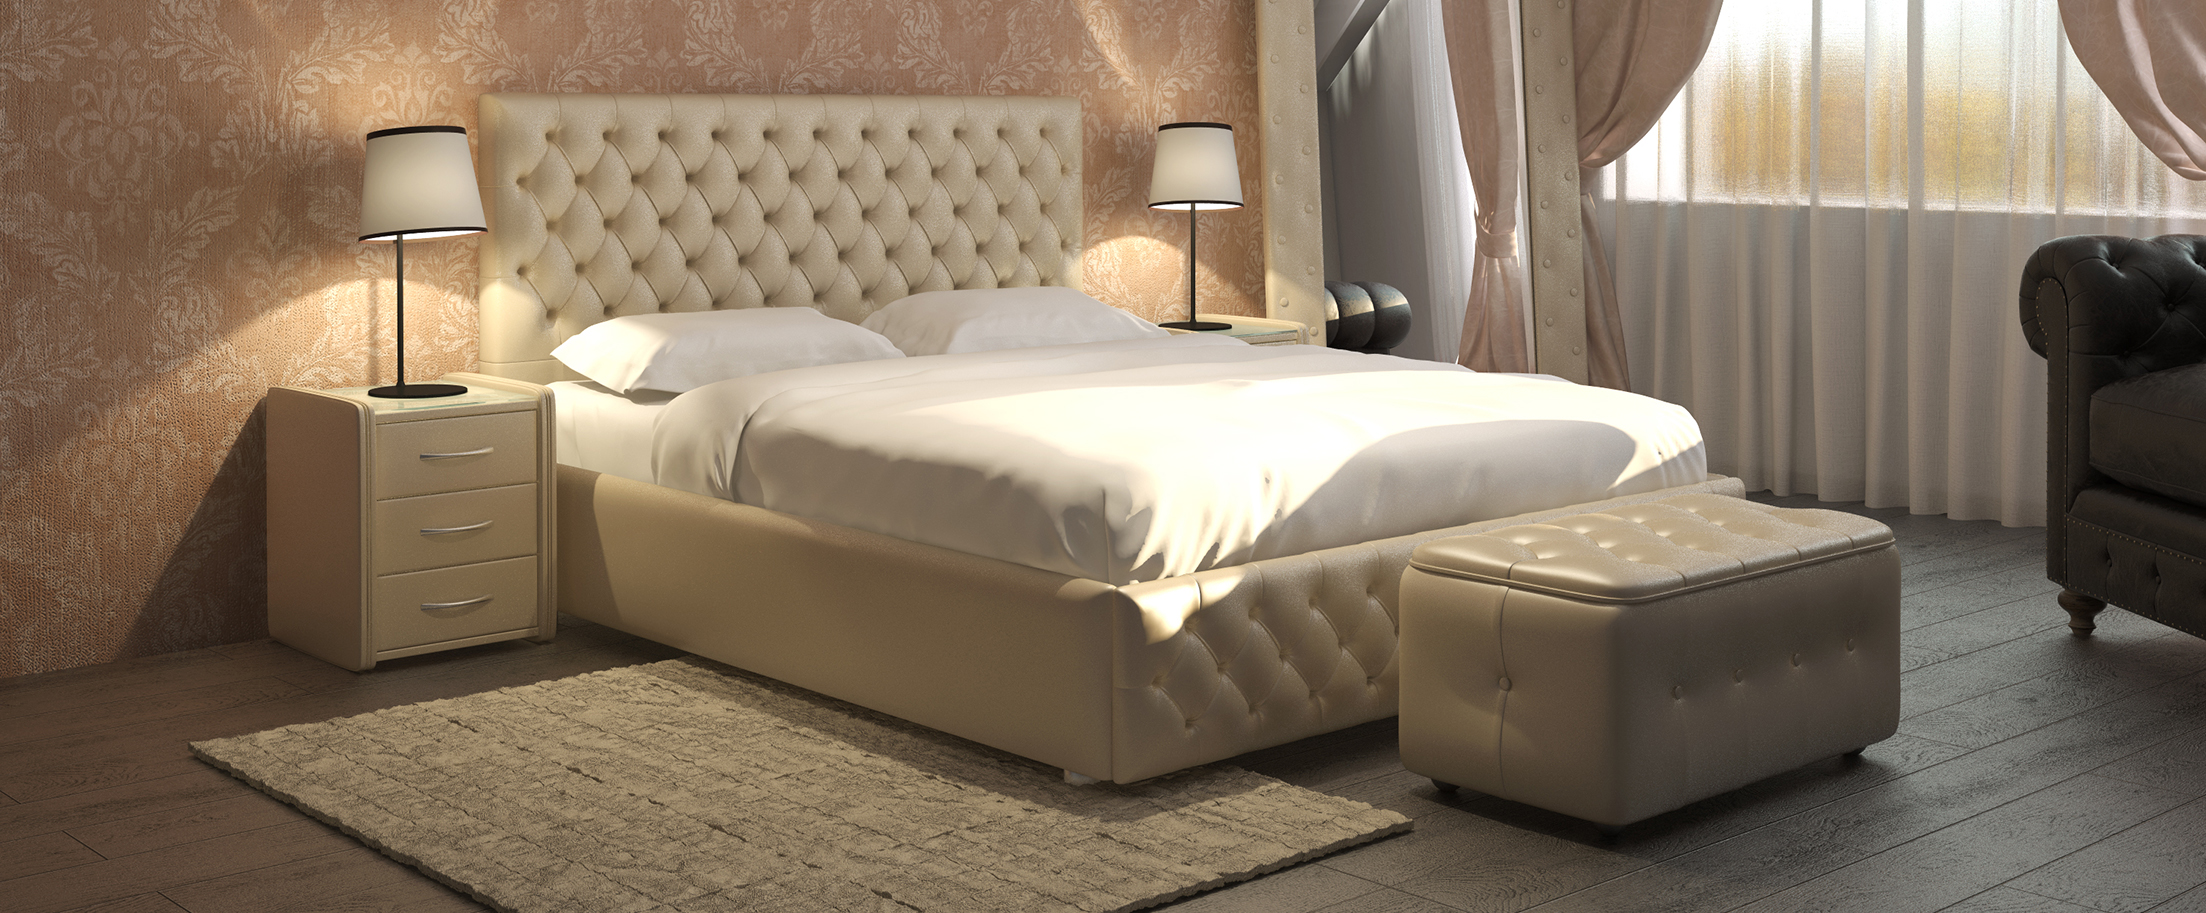 Кровать двуспальная Купол Тысячелетия Модель 385Роскошная кровать с глубокими утяжками на спинке и передней царге сочетает в себе романтику и комфорт, нежность и уверенную в себе красоту. Создаст неповторимую атмосферу уюта и спокойствия в Вашей спальне.<br><br>Ширина см: 155<br>Глубина см: 218<br>Высота см: 110<br>Ширина спального места см: 140<br>Длина спального места см: 200<br>Встроенное основание: Есть<br>Материал каркаса: ДСП<br>Материал обивки: Экокожа<br>Подъемный механизм: Нет<br>Цвет: Бежевый<br>Код ткани: Рожь<br>Бренд: Другие